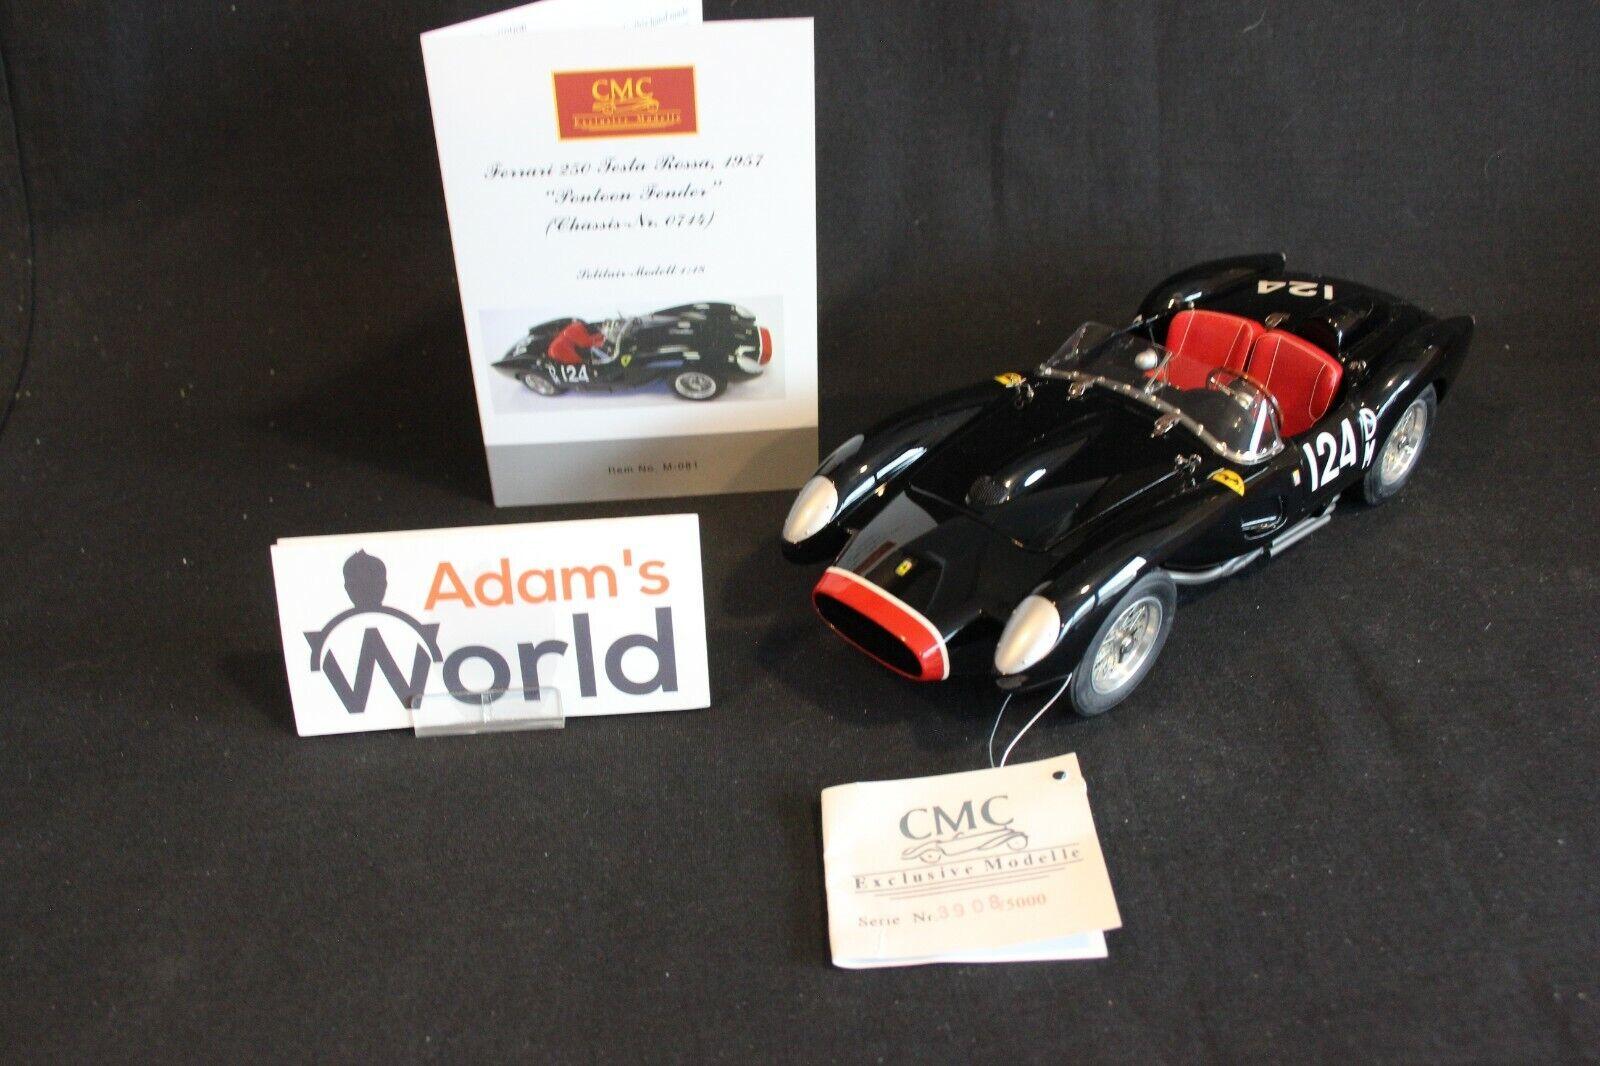 CMC Ferrari 250 Testa Rossa 1957 1 18  DM124 Chassis No  0714 (PJBB)